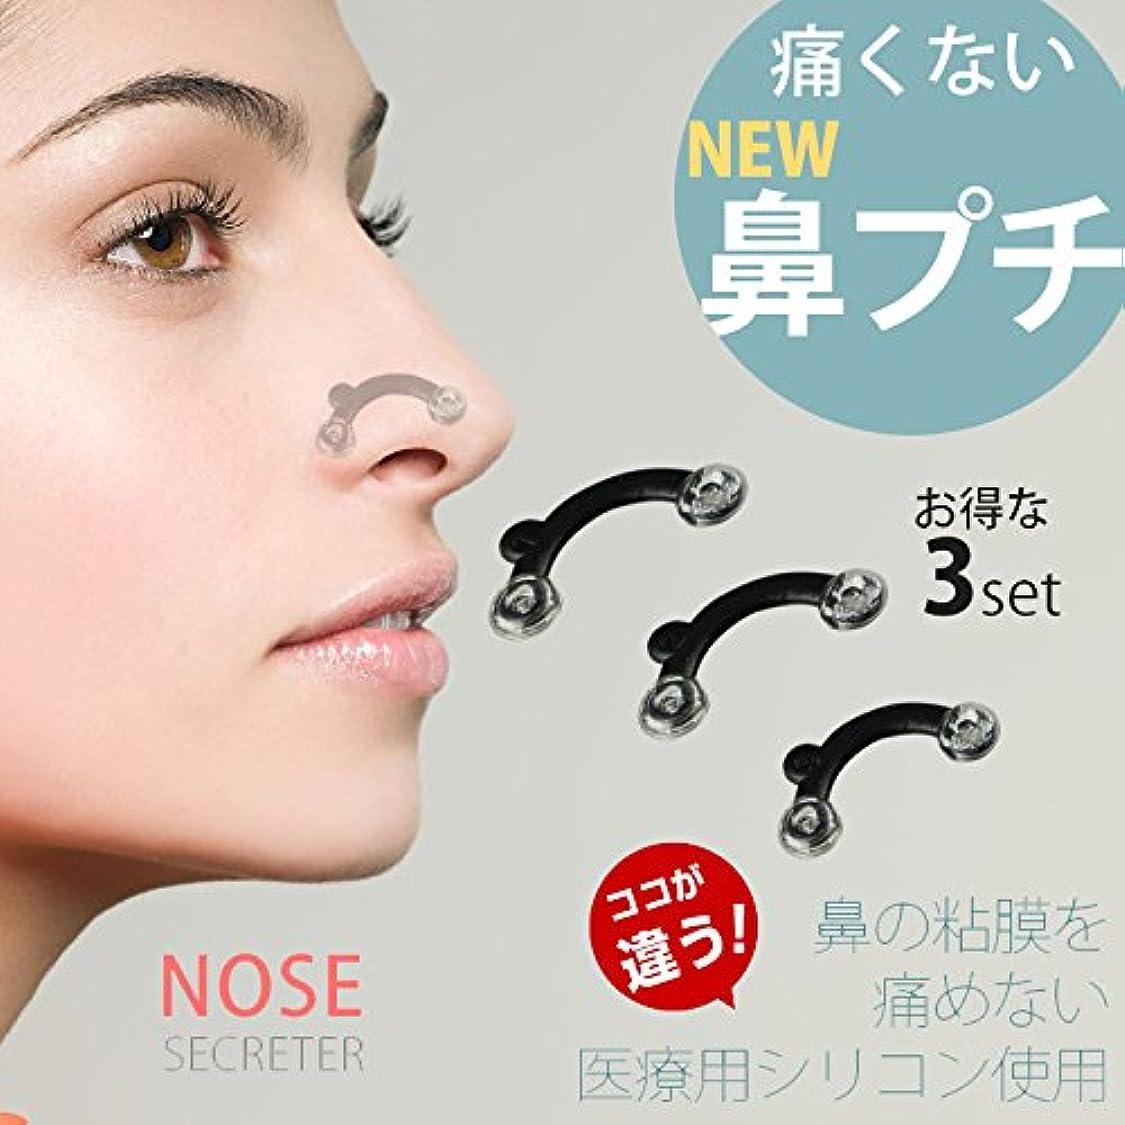 ジャーナル先にパノラマOUSENEI 鼻プチ 矯正プチ 美鼻 整形せず 医療用シリコン製 柔らかい 痛くない ハナのアイプチ 24.5mm/25.5mm/27mm 全3サイズ 3点セット (ブラック)